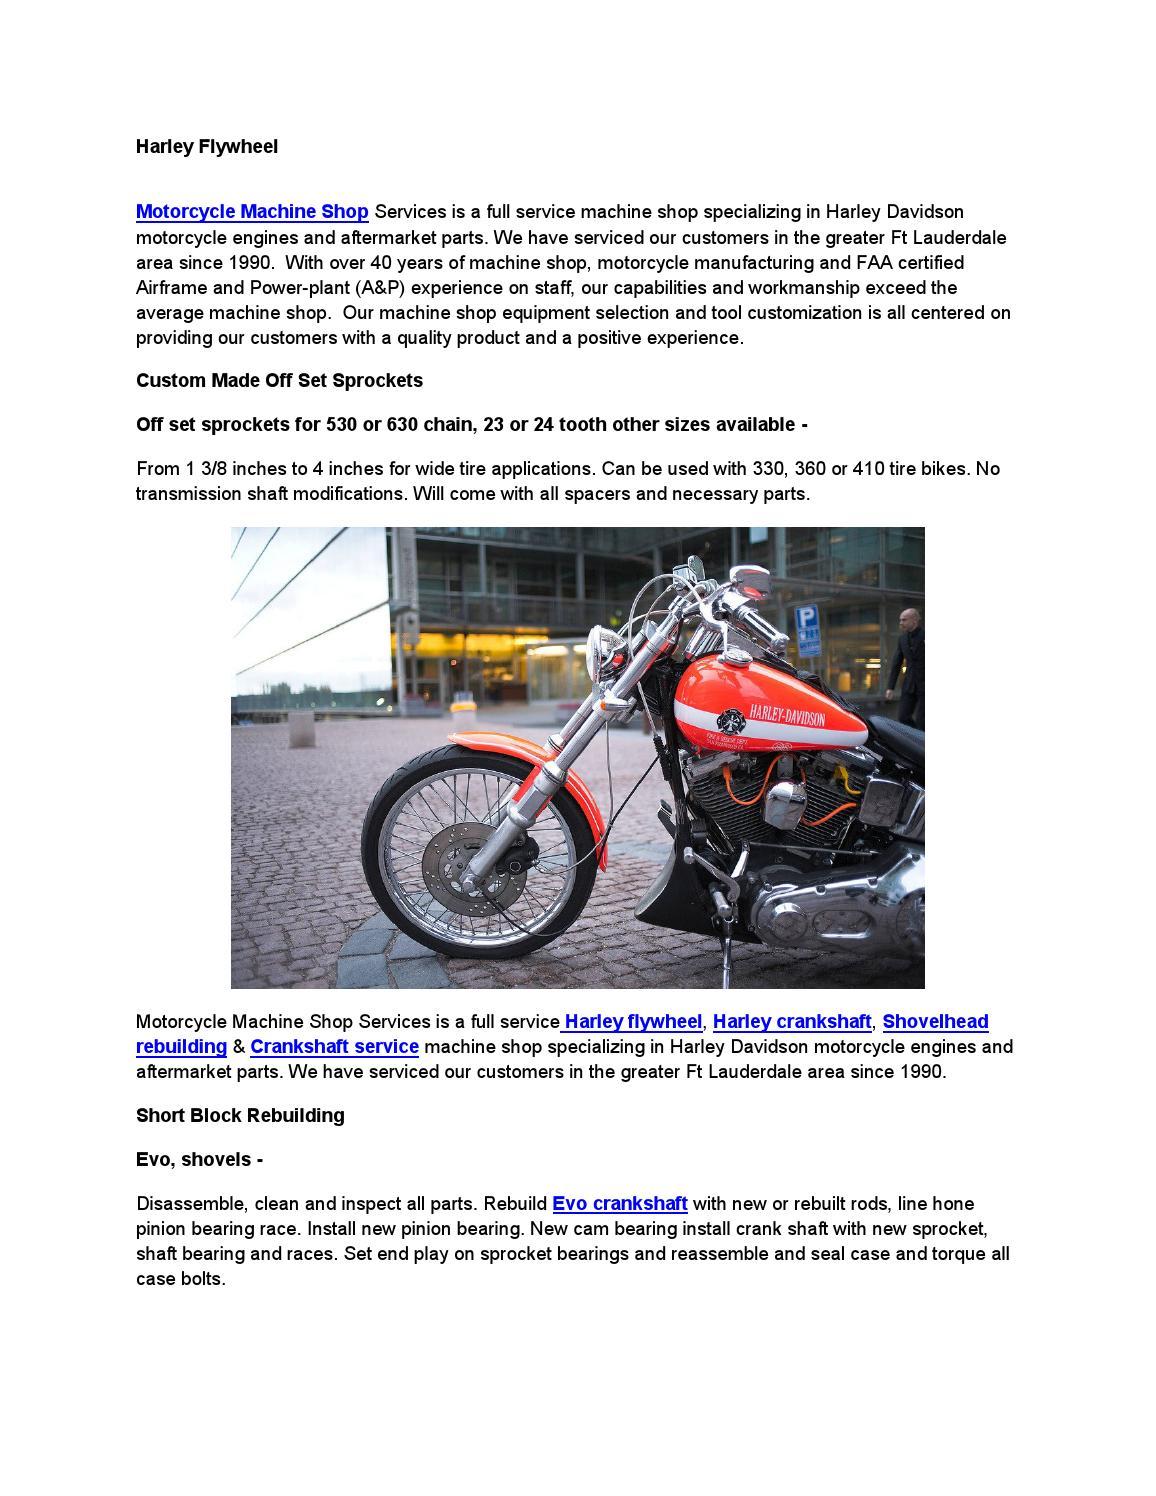 Motorcycle Crank Rebuilding Service | Reviewmotors co